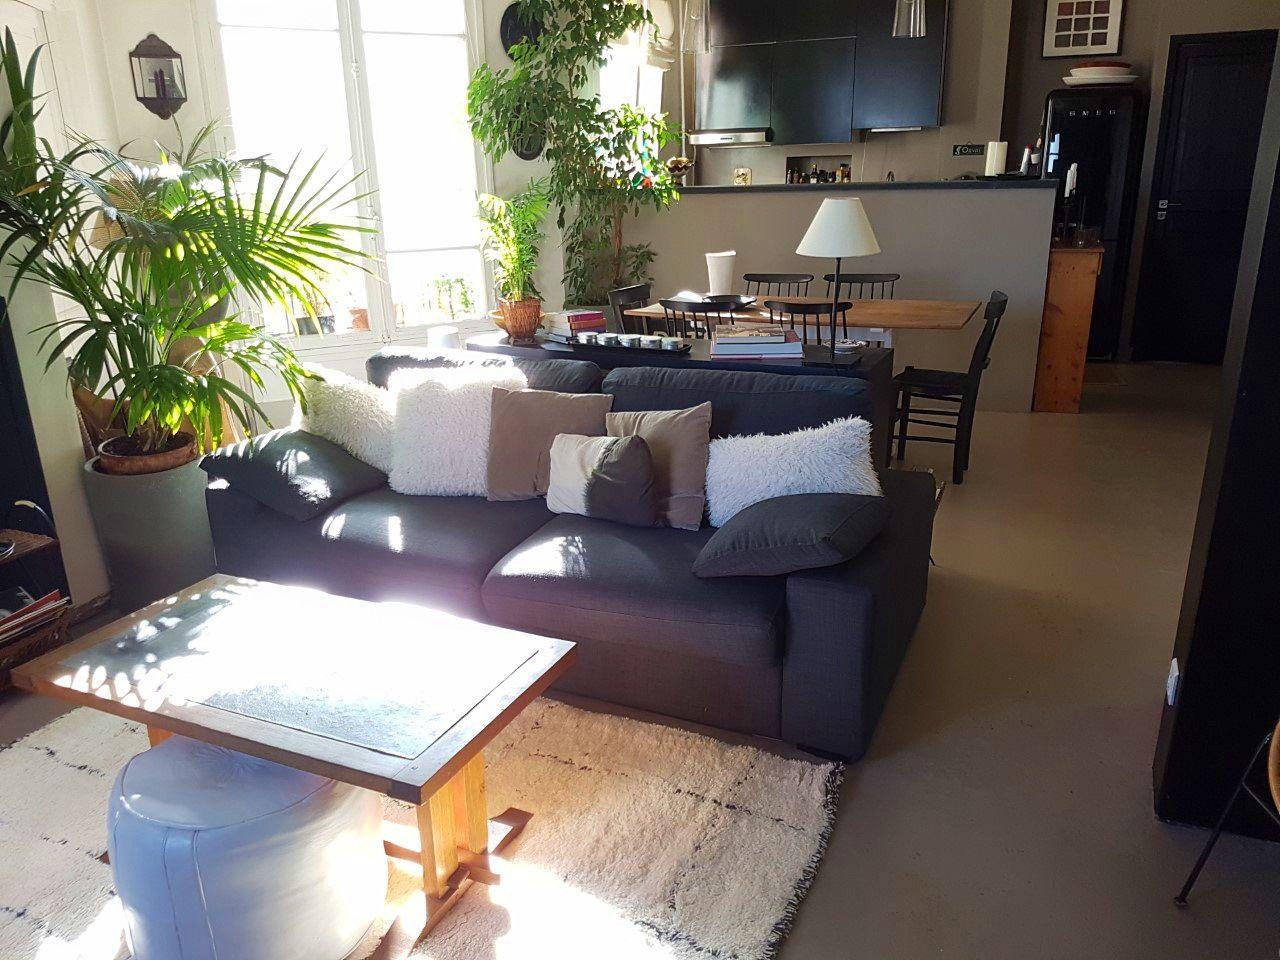 Vends appartement - 2chambres à St Mandé (94) - 77m²